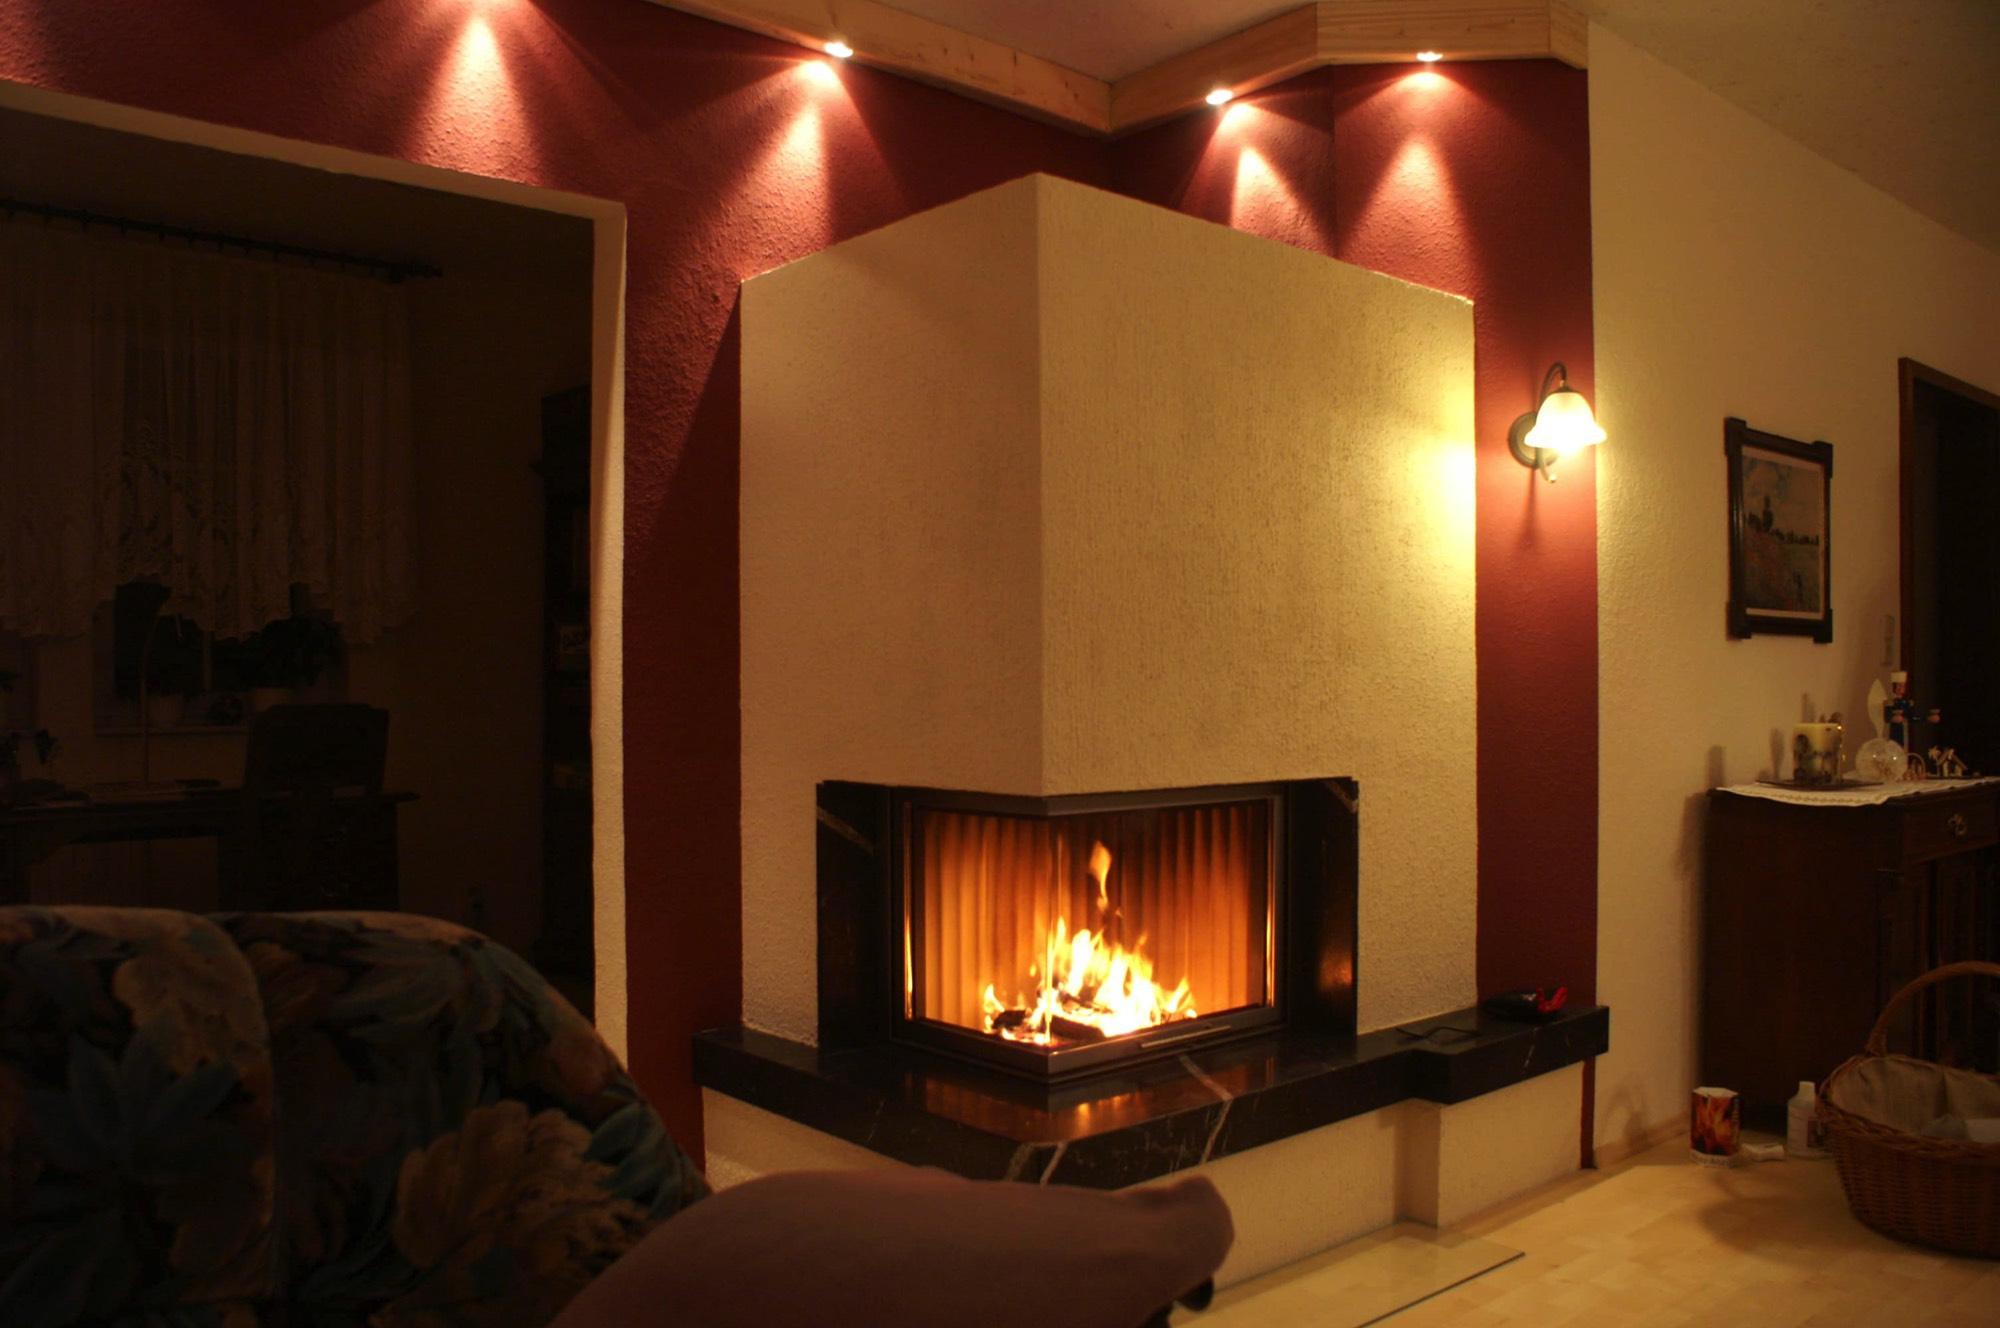 Eck Kamin, Farbe Ist Harmonisch Zum Interieur